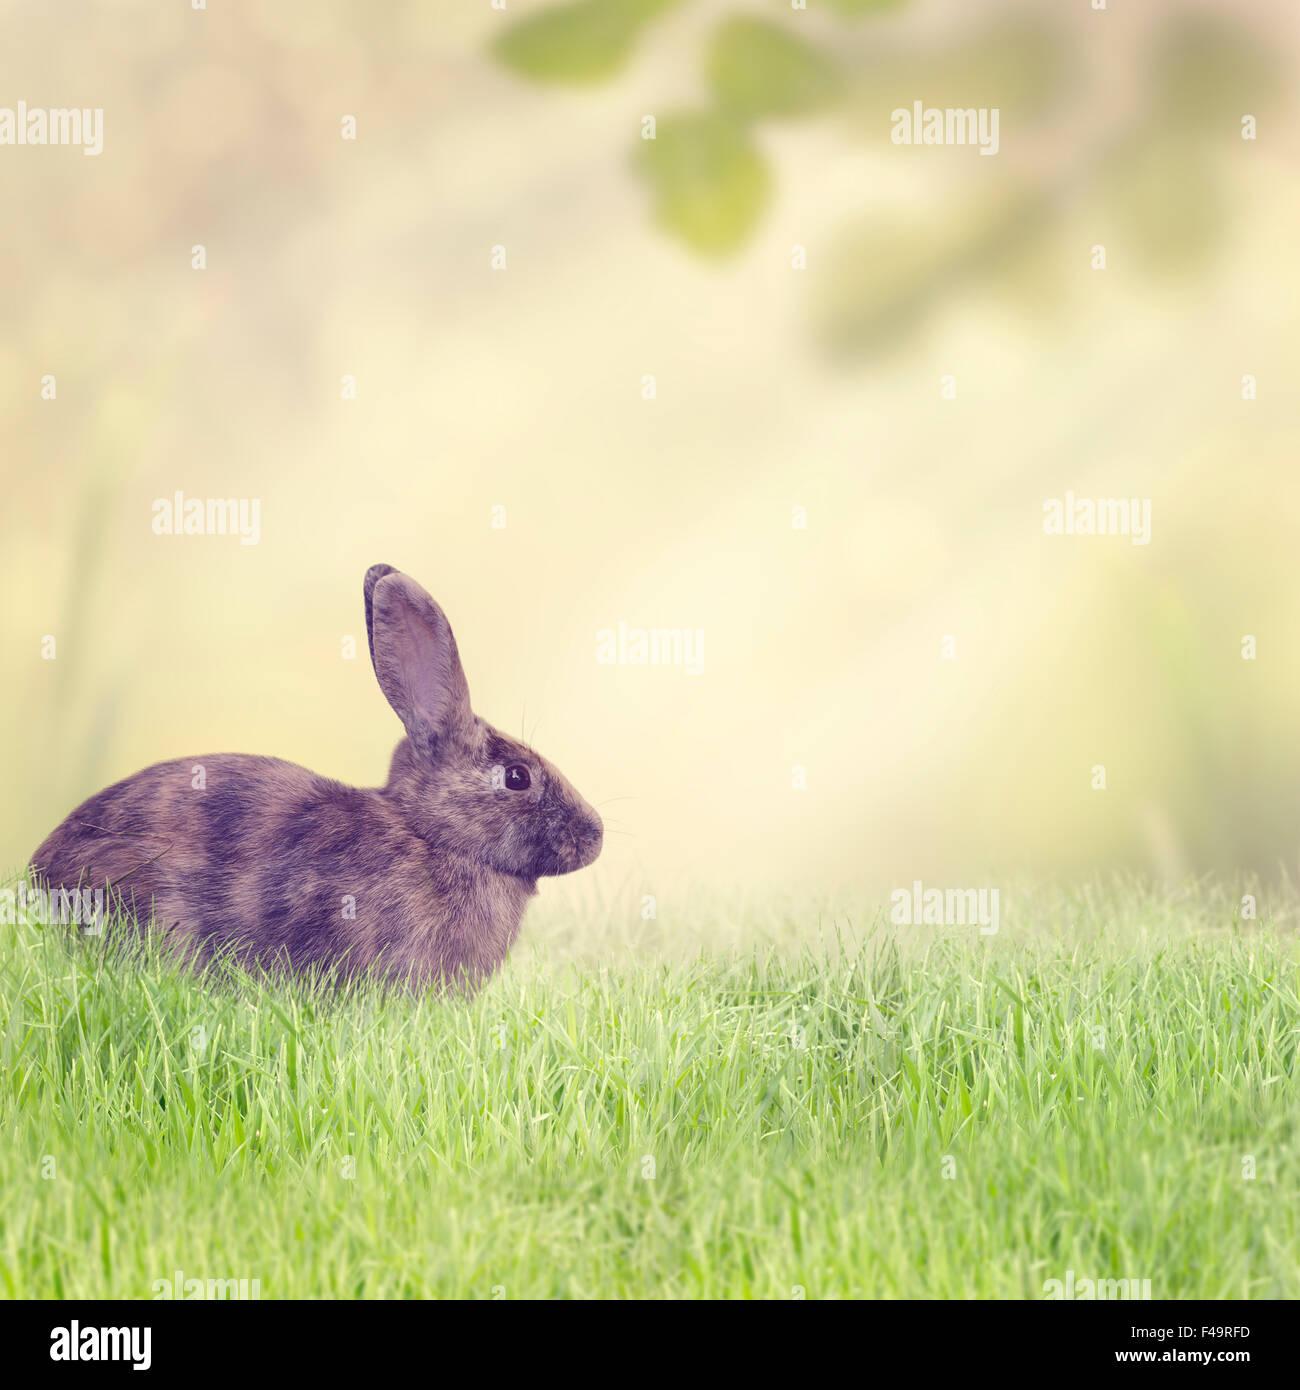 Seduta di coniglio in erba Immagini Stock